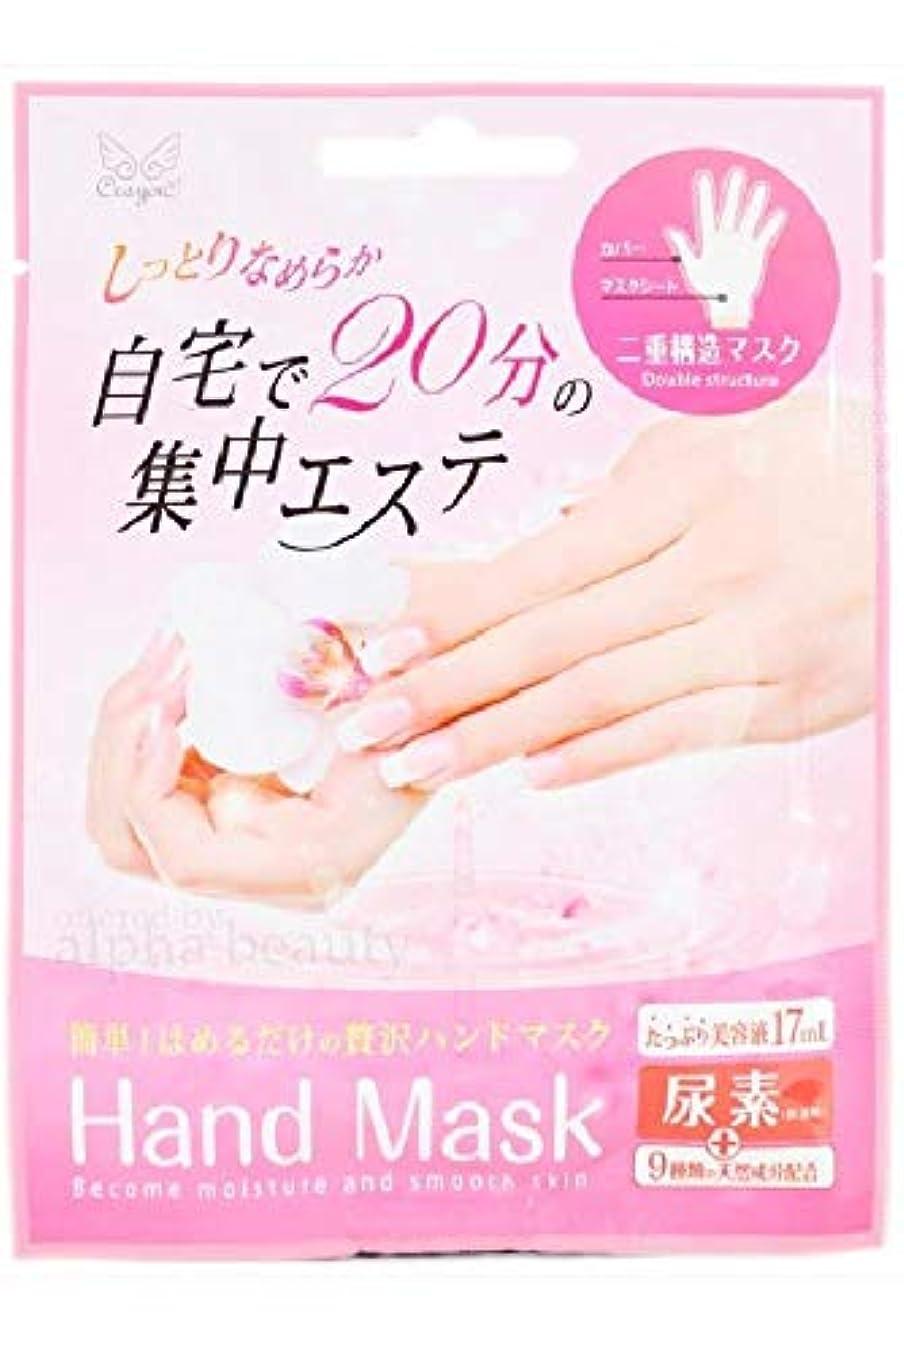 内訳イヤホンチョップST ハンドマスク しっとりなめらか 自宅で 20分の 集中 エステ Hand Mask